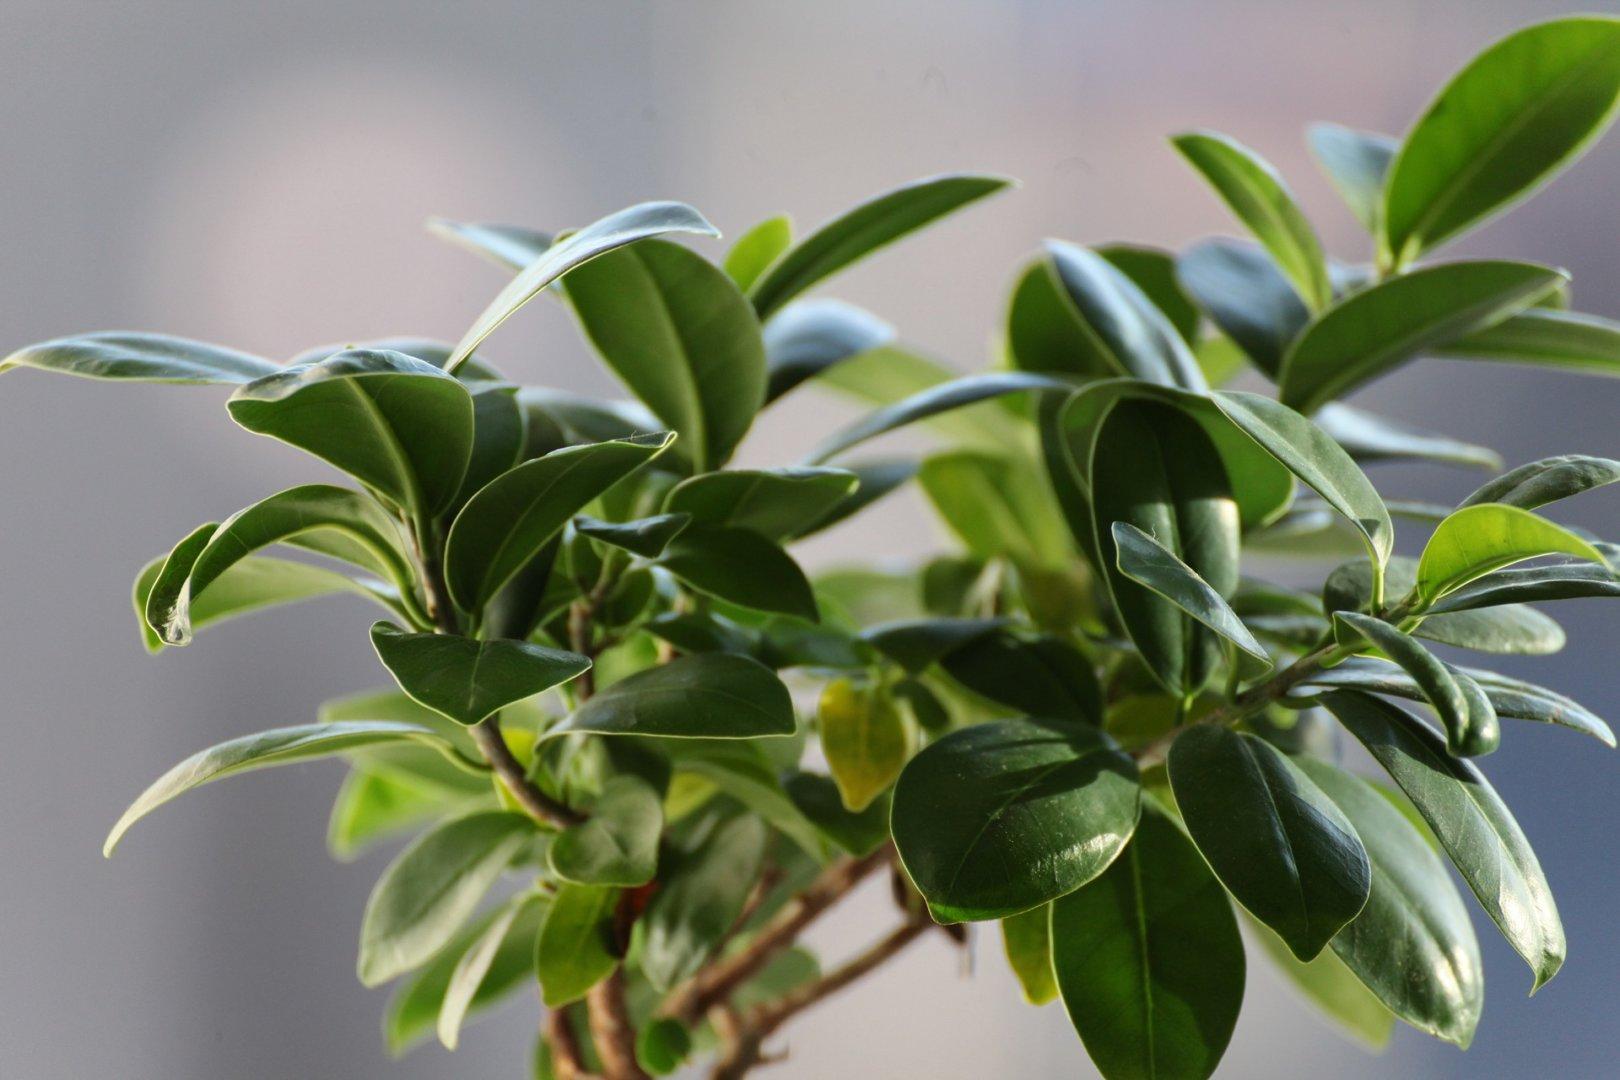 De Ficus is één van de planten die tegen een stootje kunnen